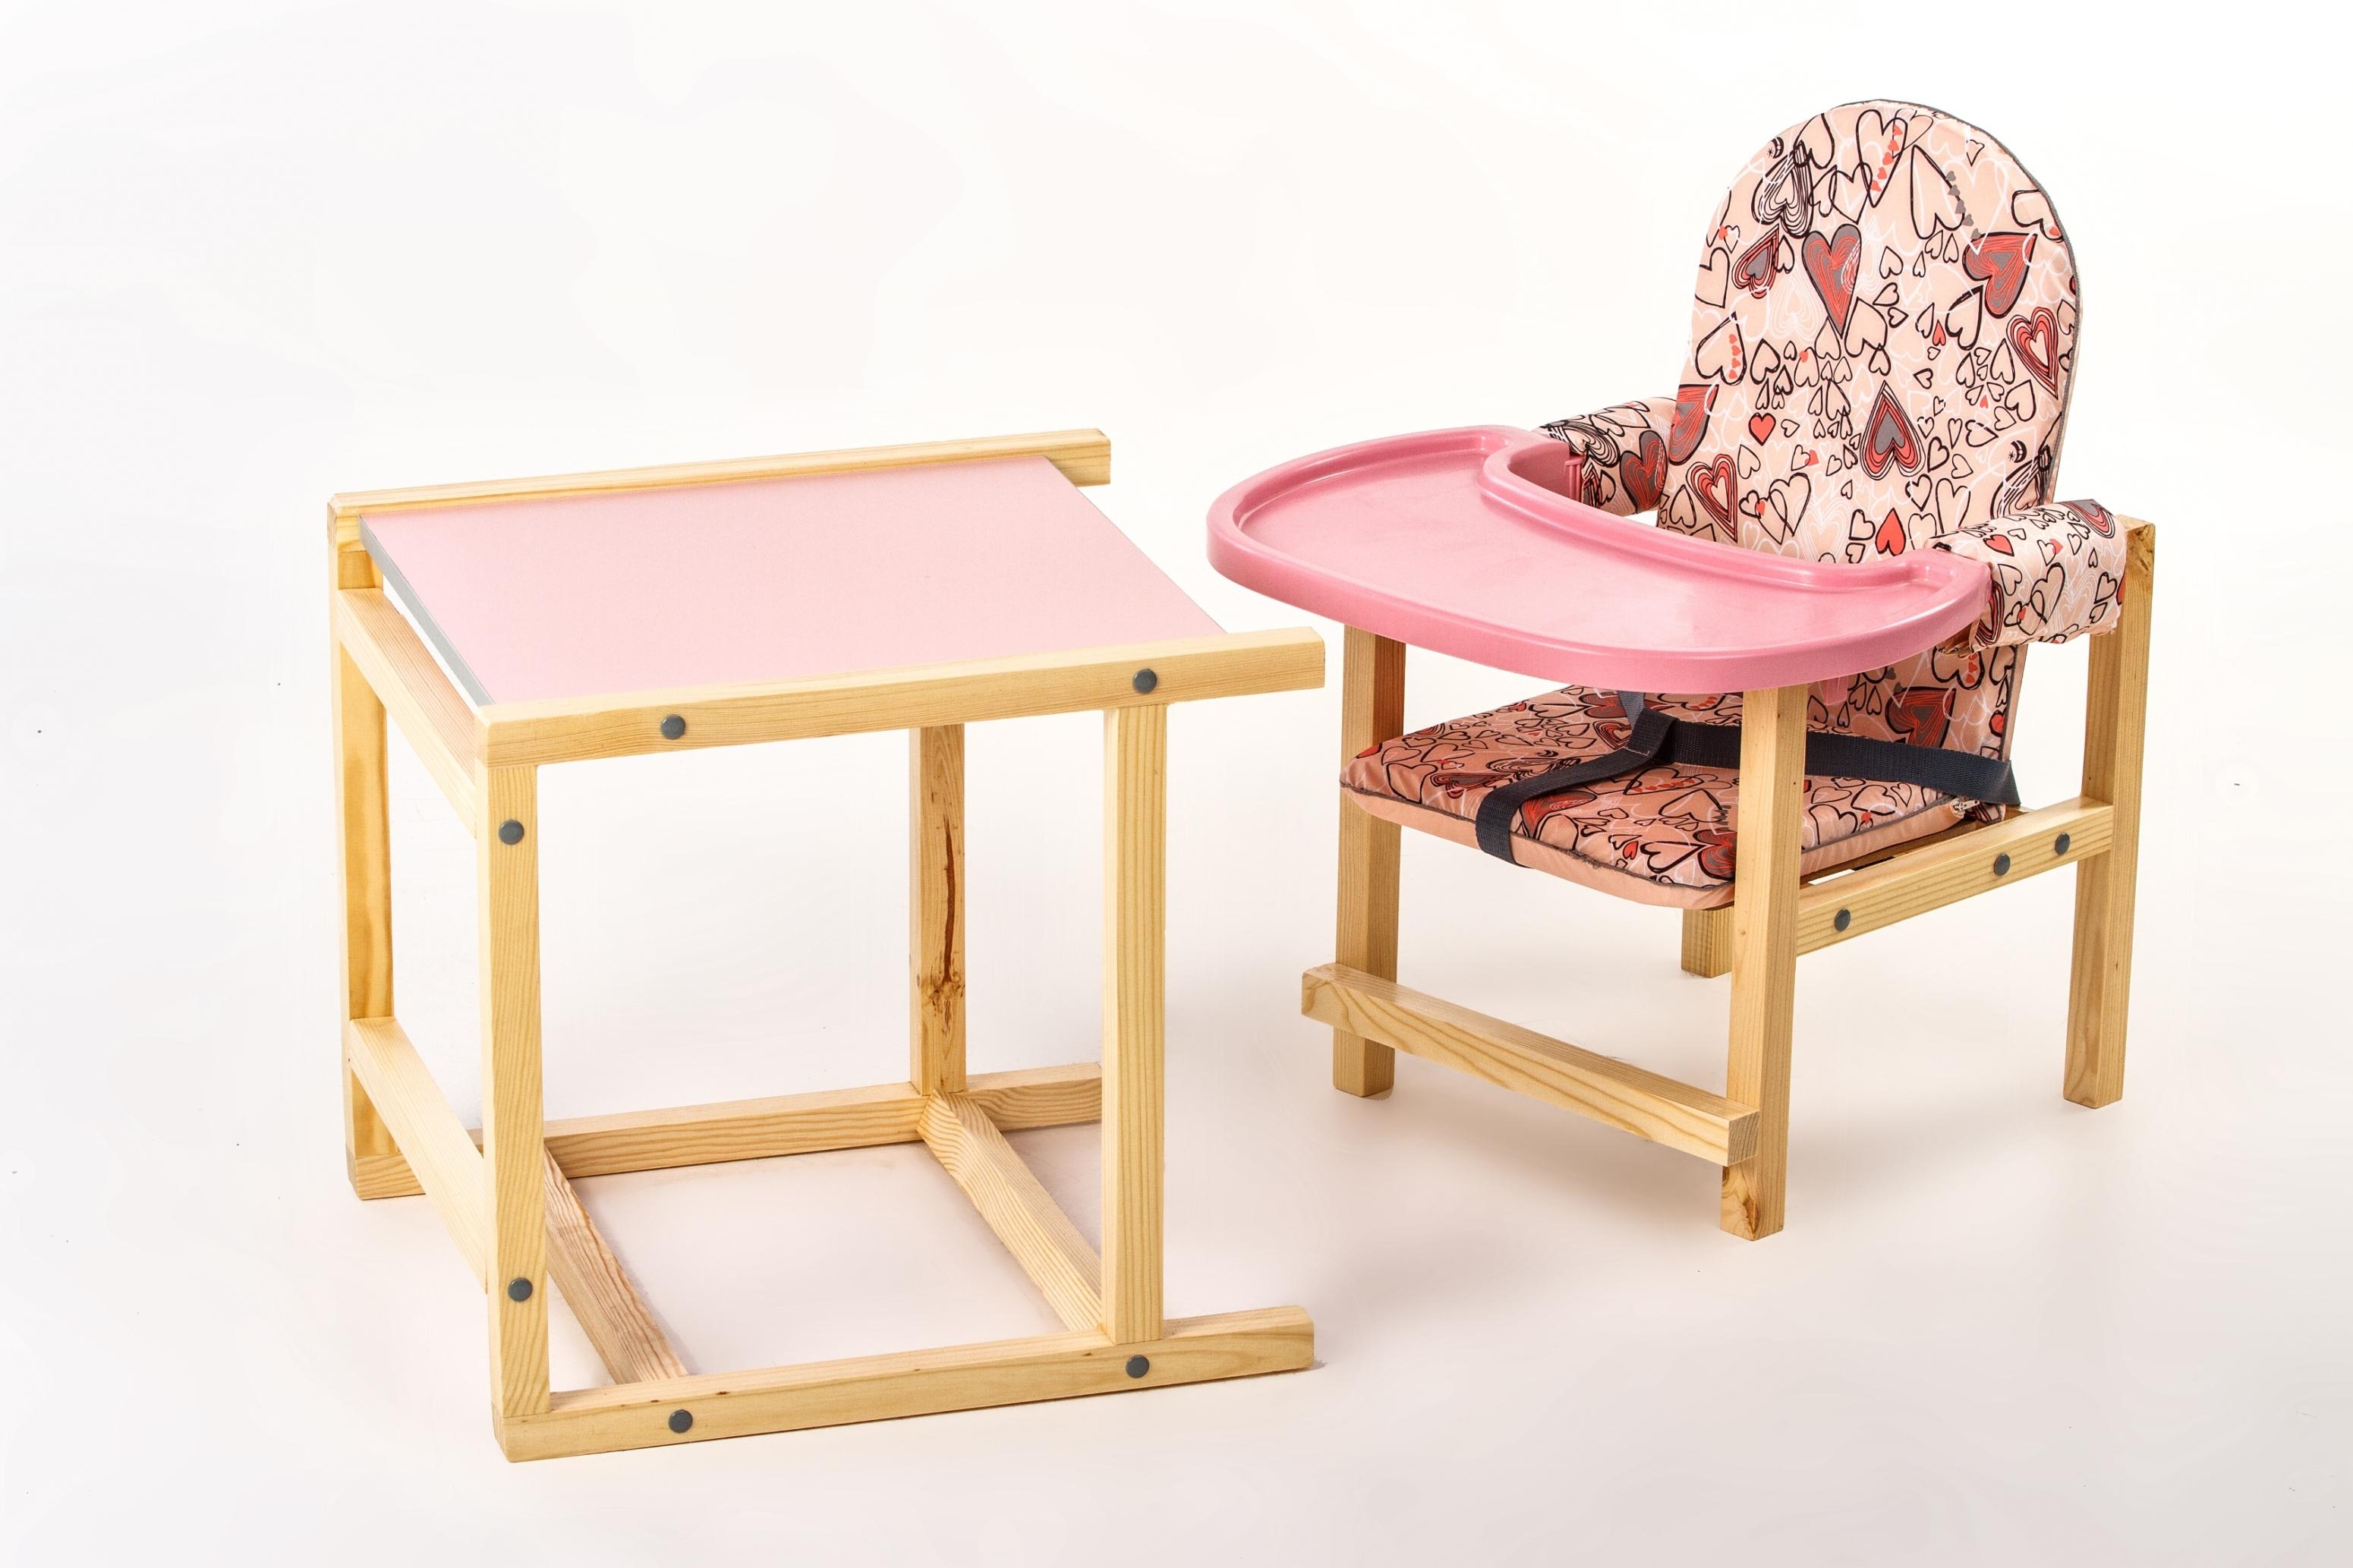 детский деревянный стульчик мягкий